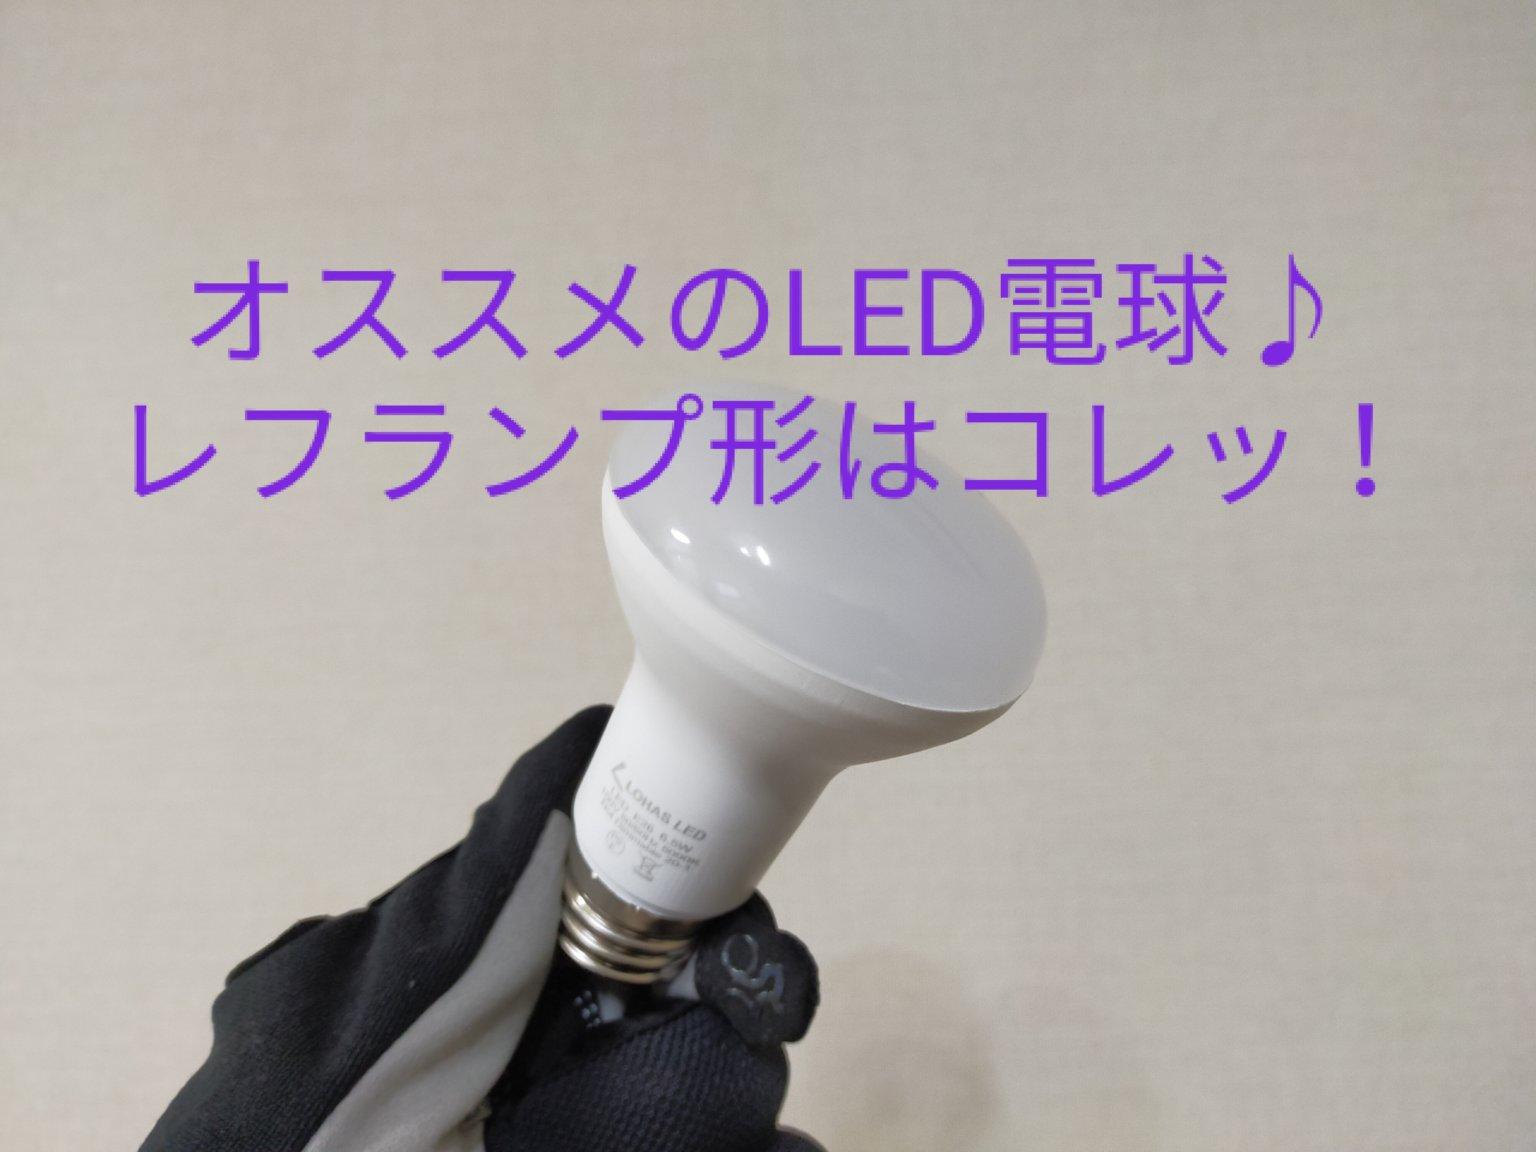 オススメのLED電球♪レフランプ形はコレッ!【 我が家のホームメンテナンス】